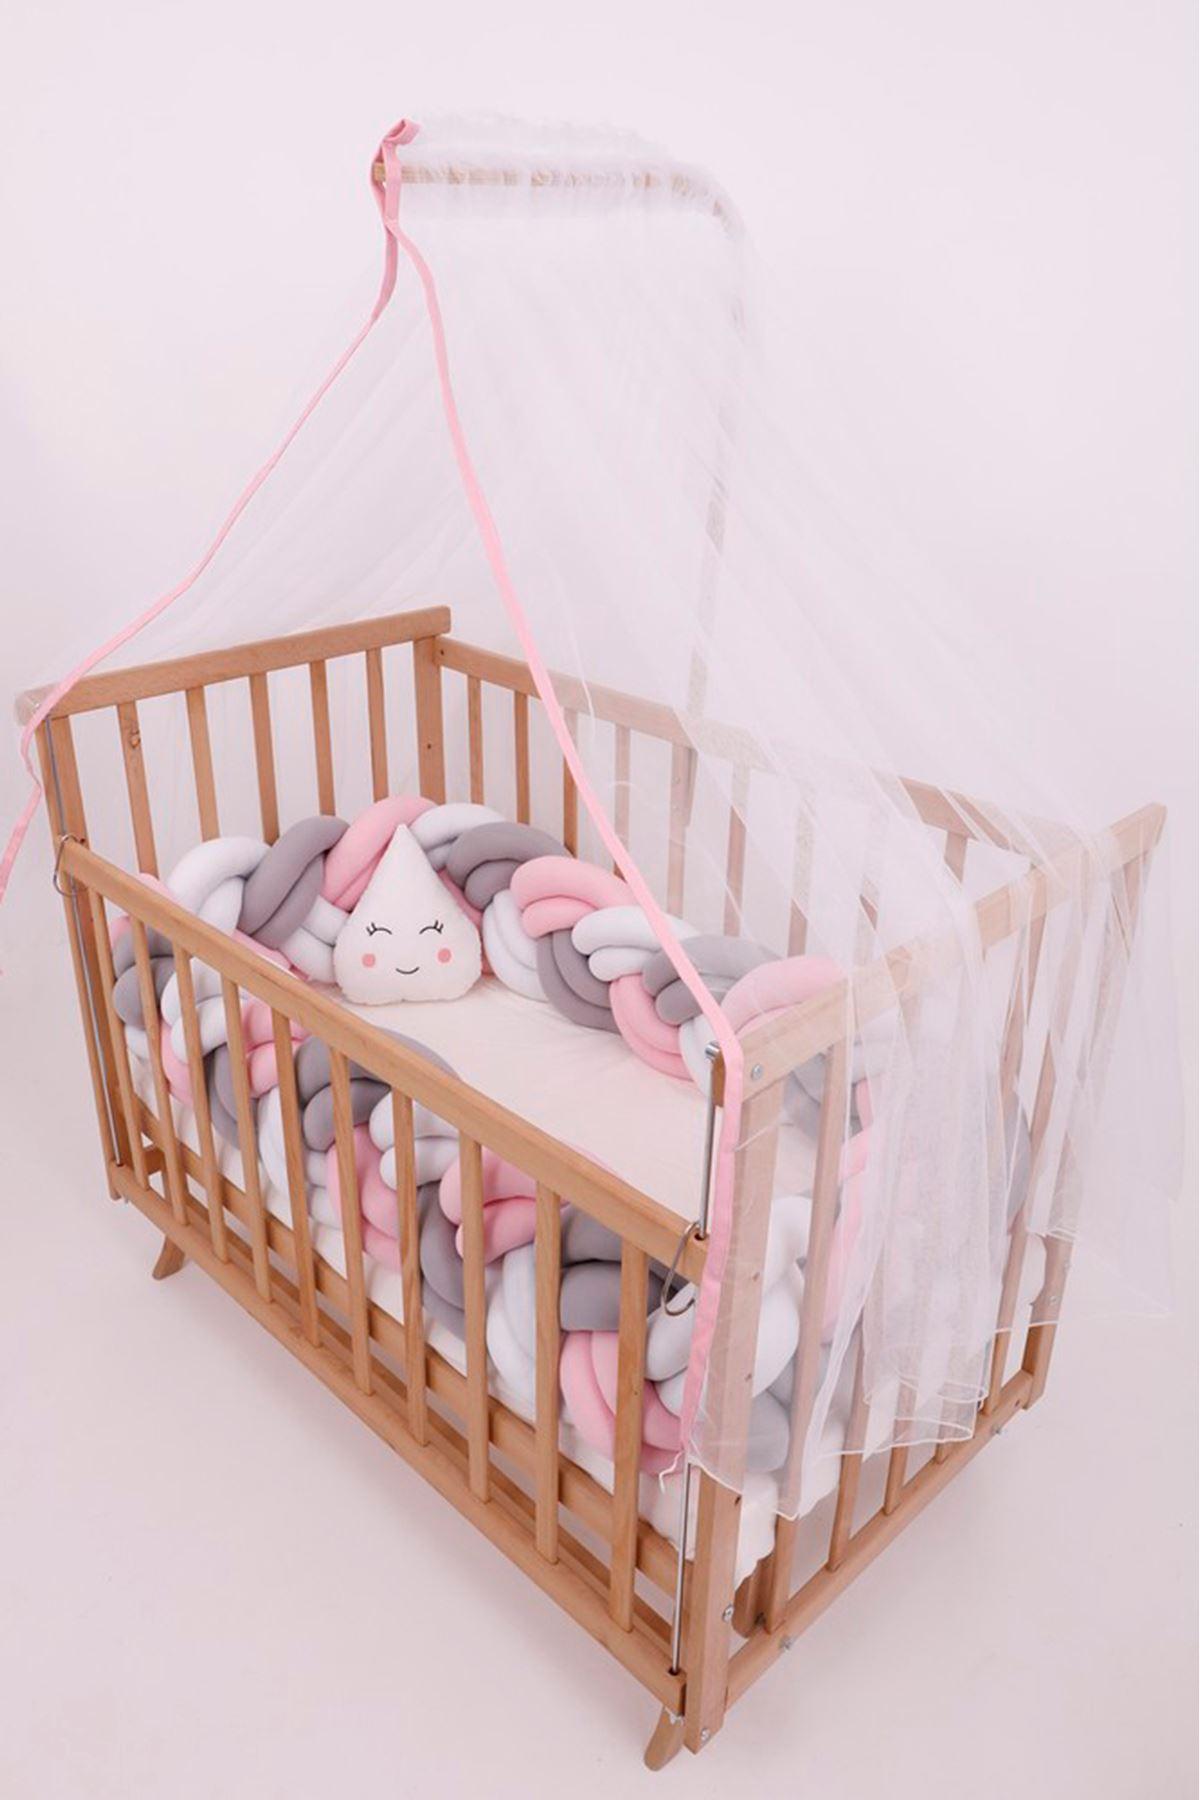 سرير خشبي مستطيل 5 سنوات جدله زهري دبل